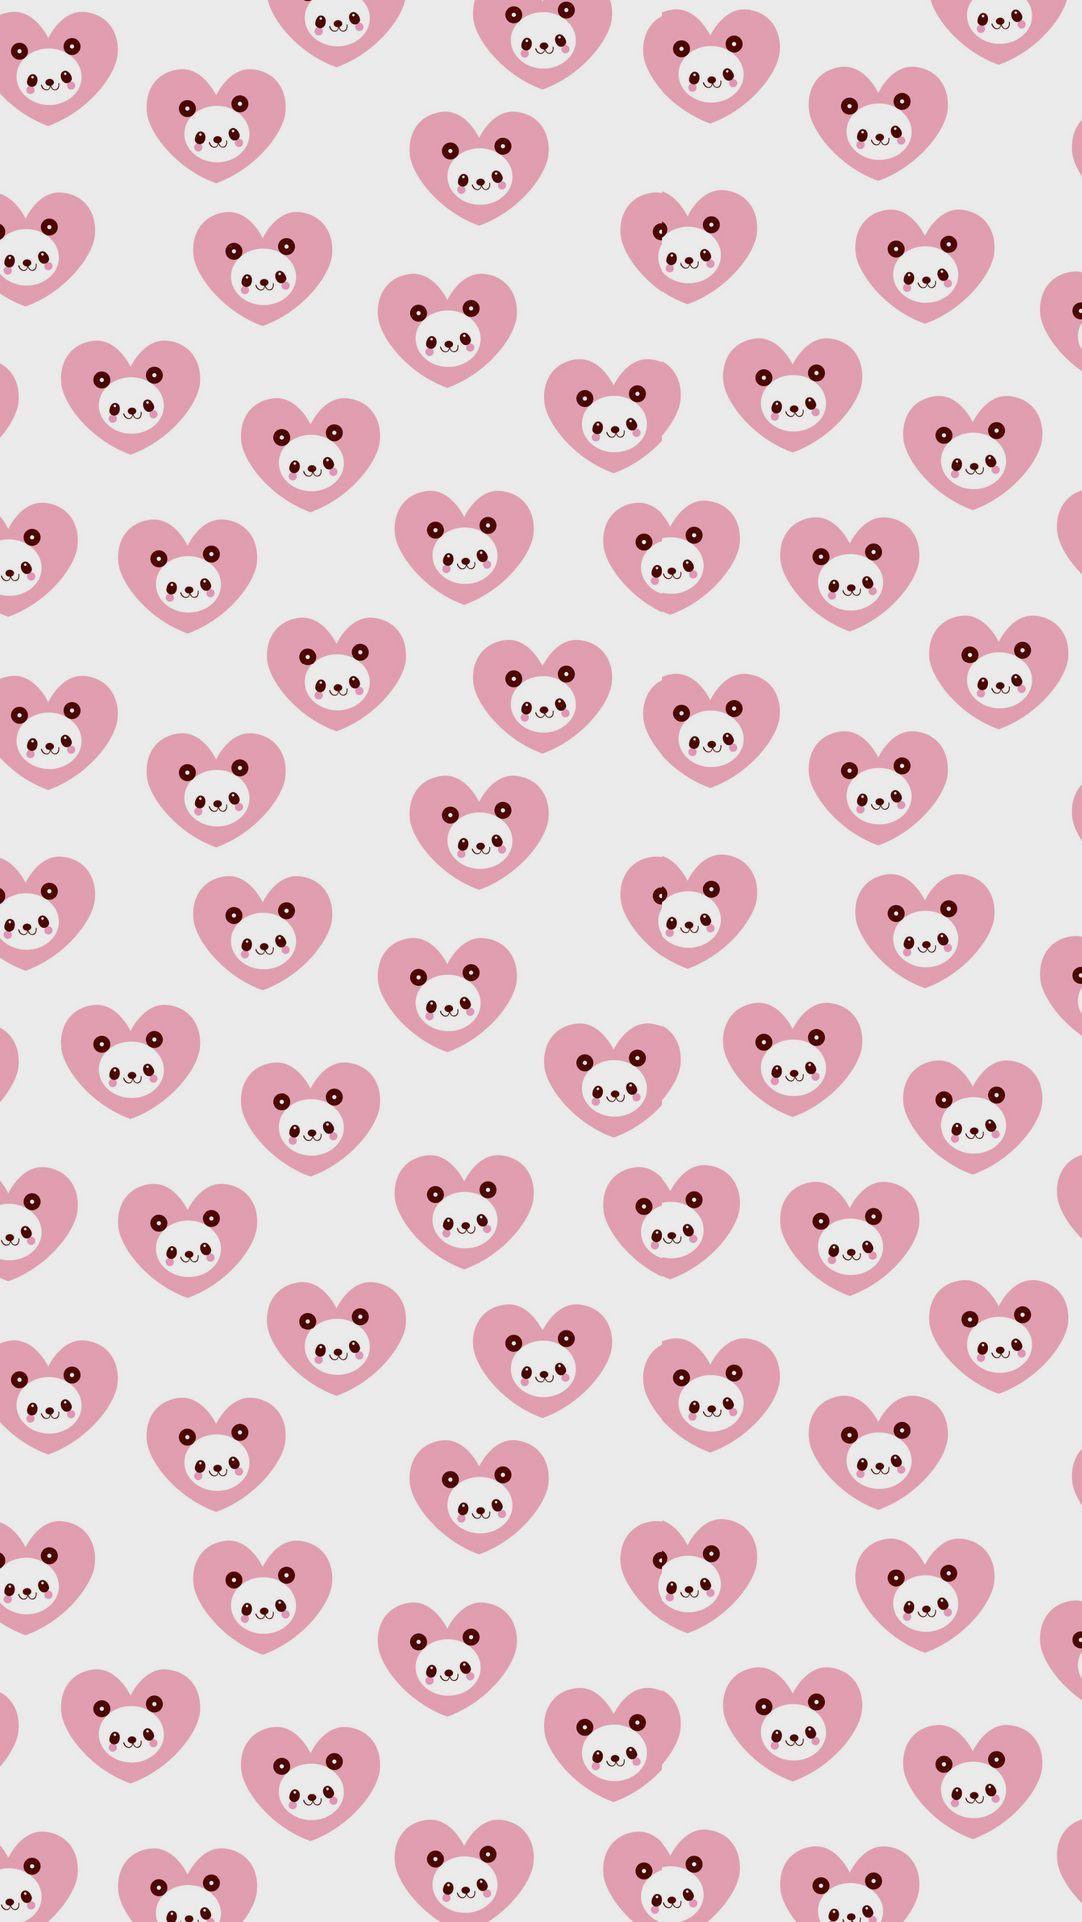 Love Pandas Wallpaper Pijamas Bb At S In 2019 Panda Wallpapers